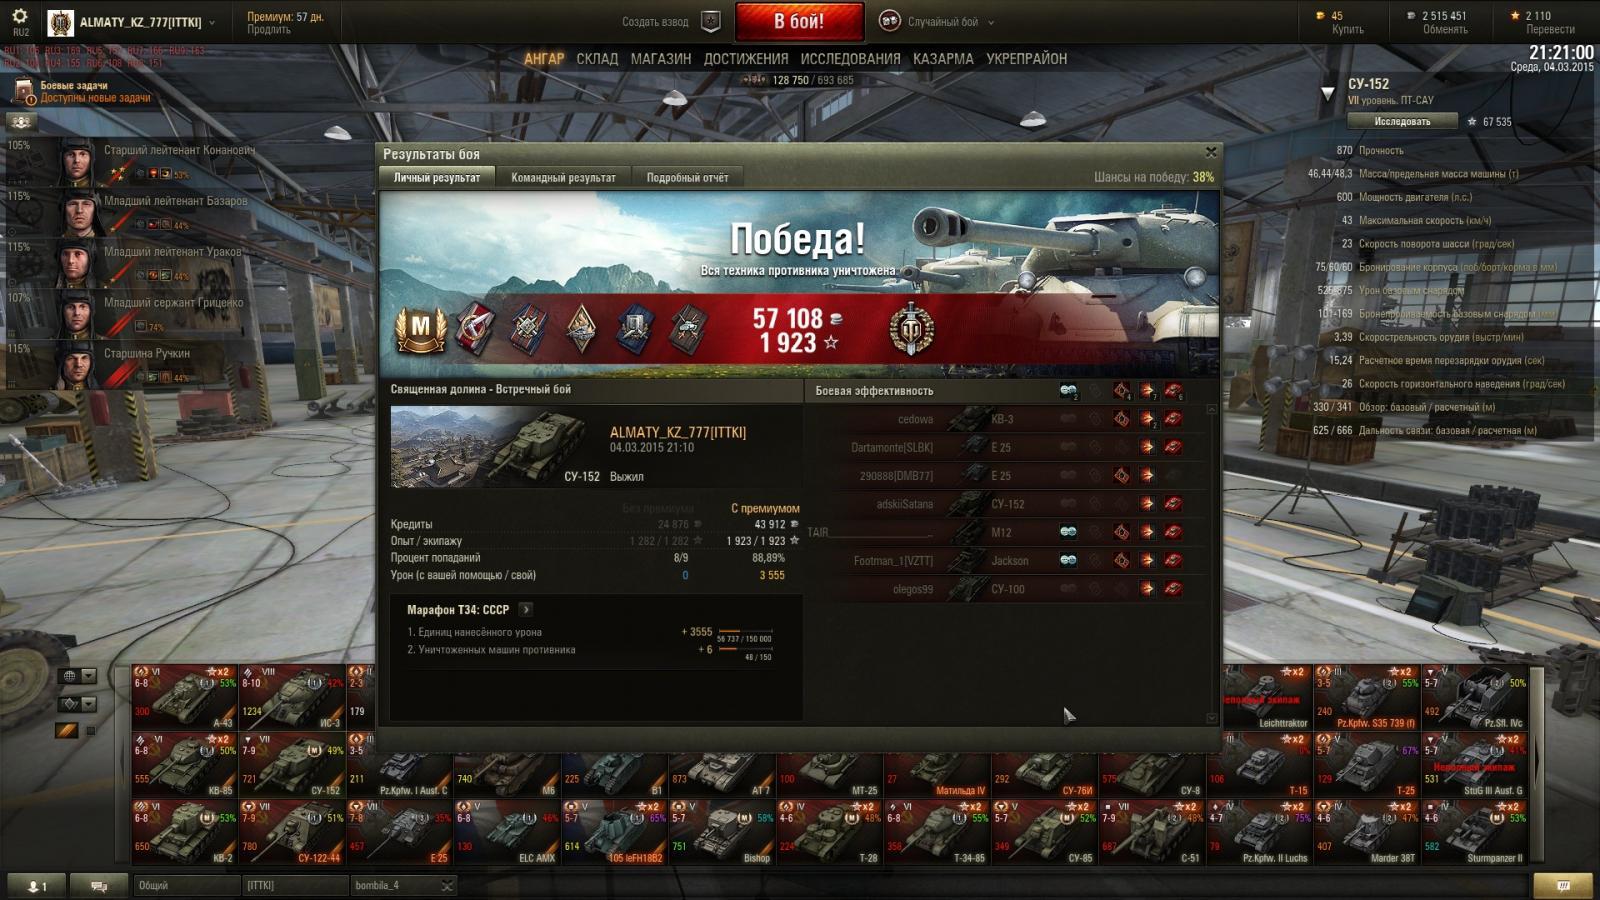 Почему много сливов в world of tanks